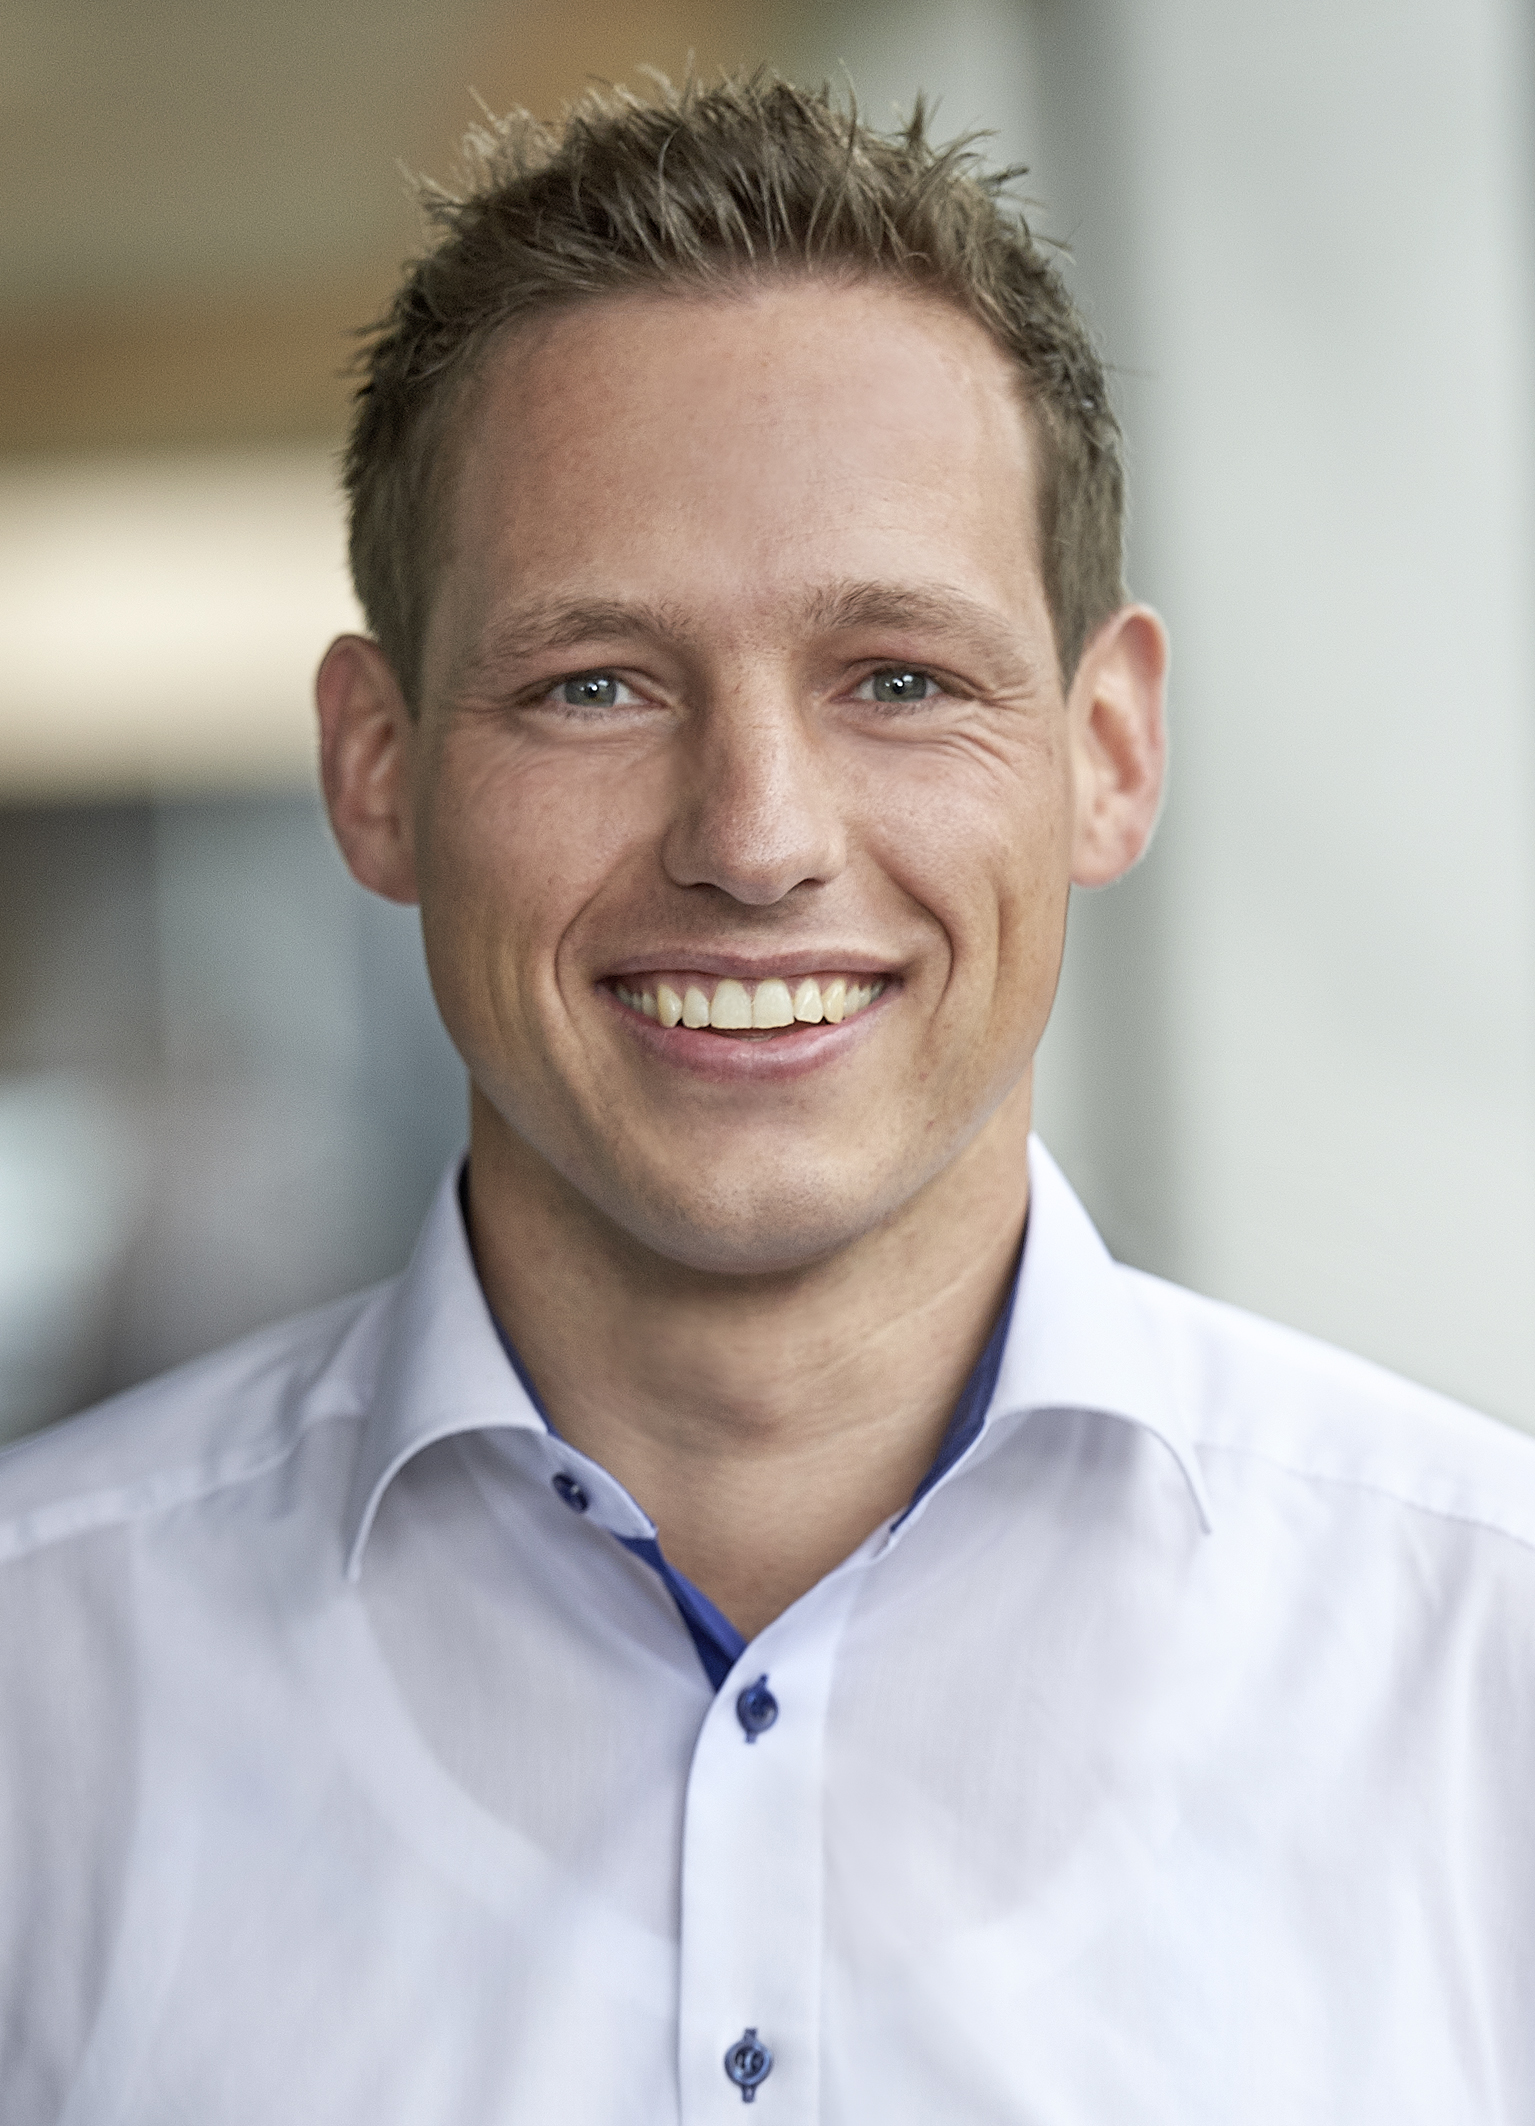 Markus Jung Immobilienfachwirt (IHK&TÜV)